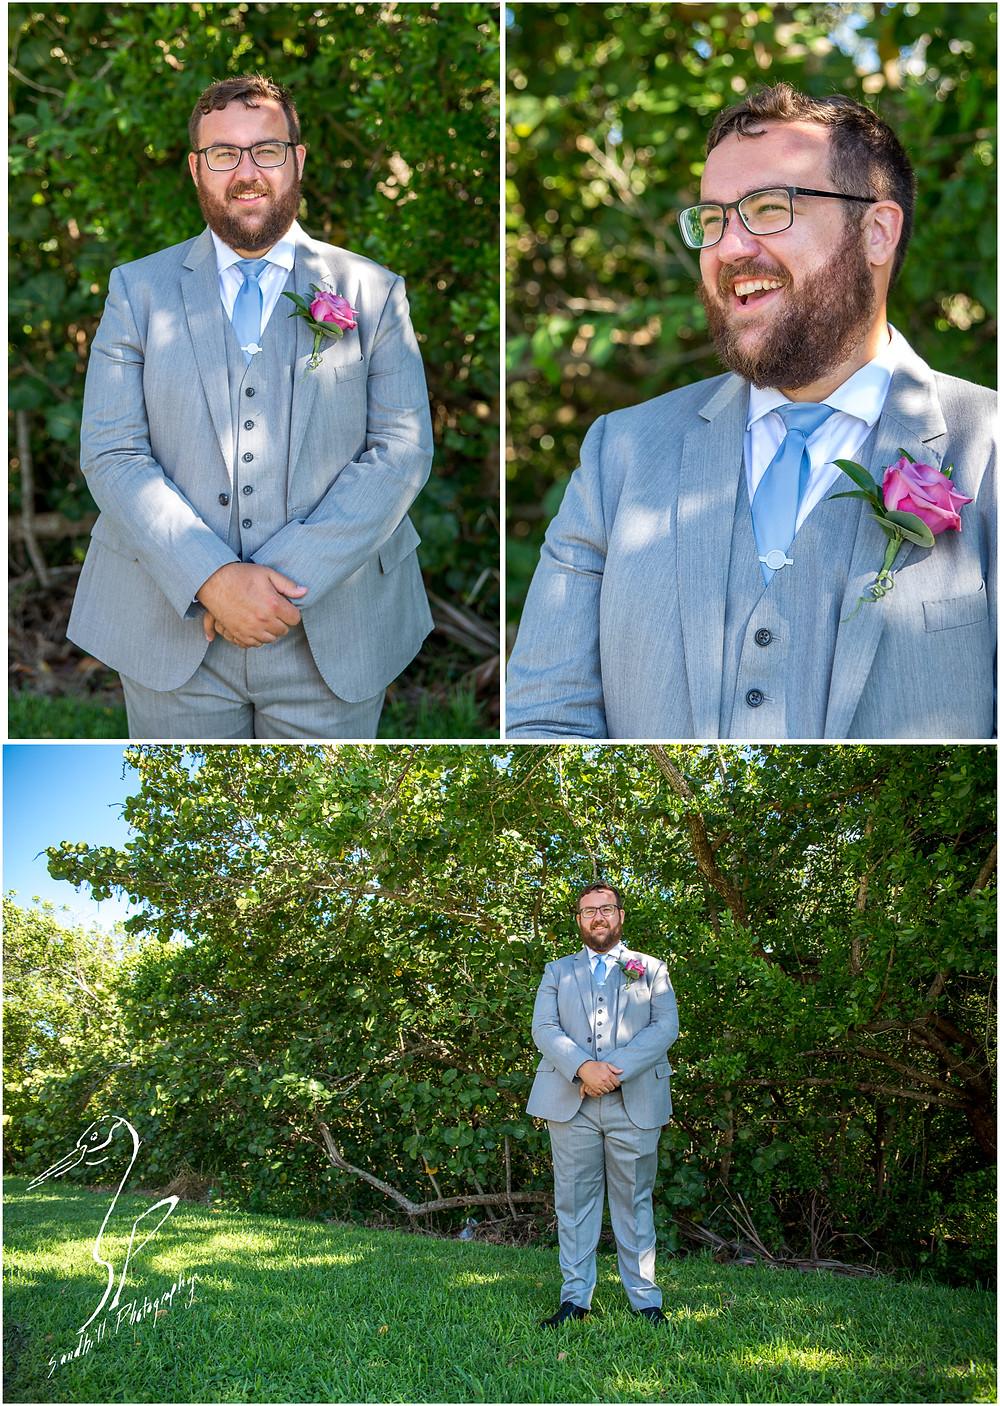 Van Wezel Wedding Photography, wedding portraits of the groom standing in front of the trees in Sarasota